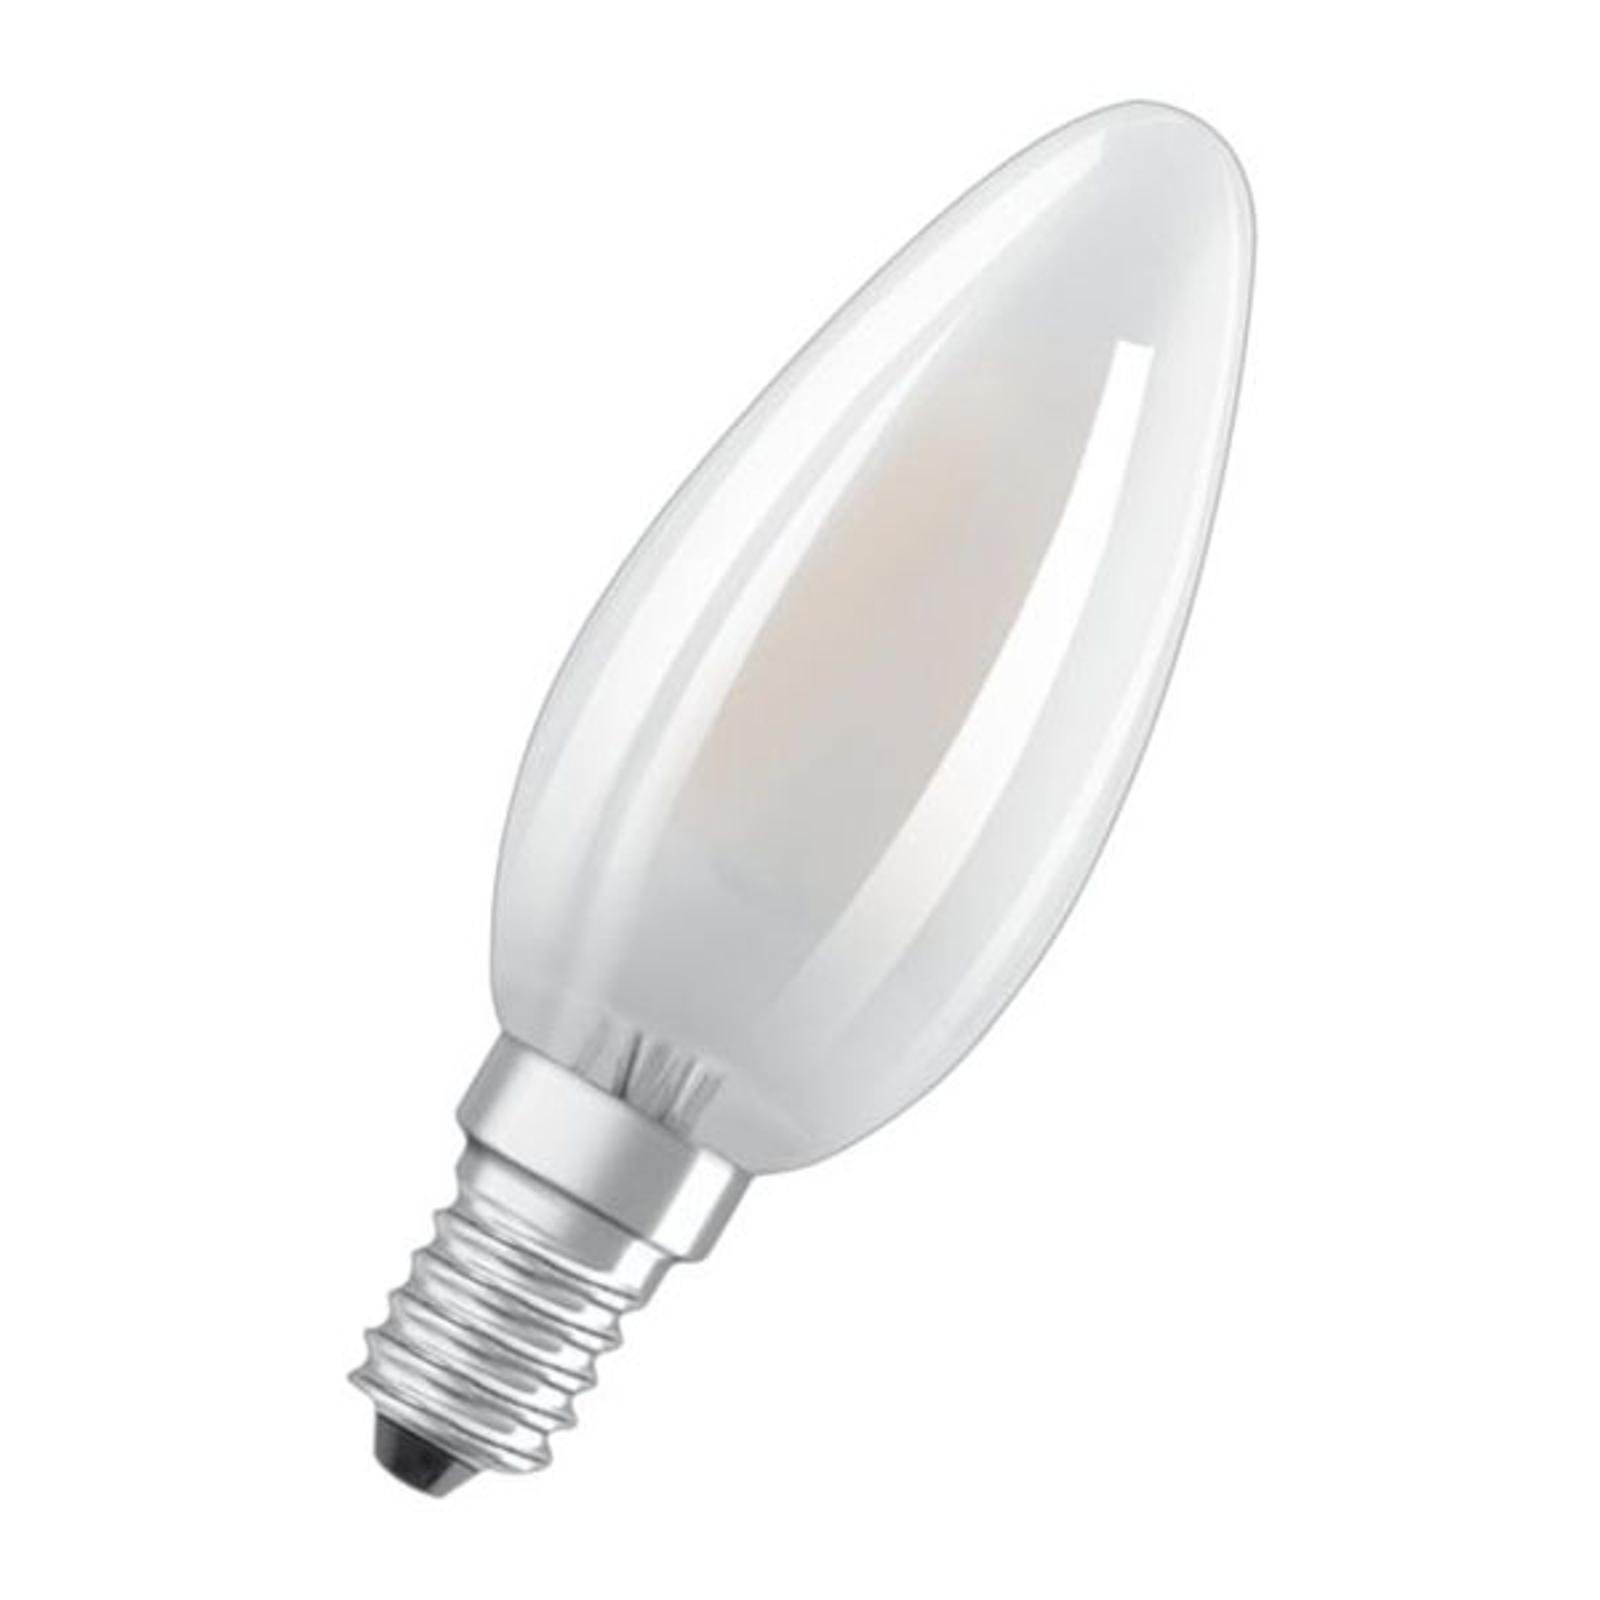 OSRAM Classic B ampoule LED E14 4W 6500K mate